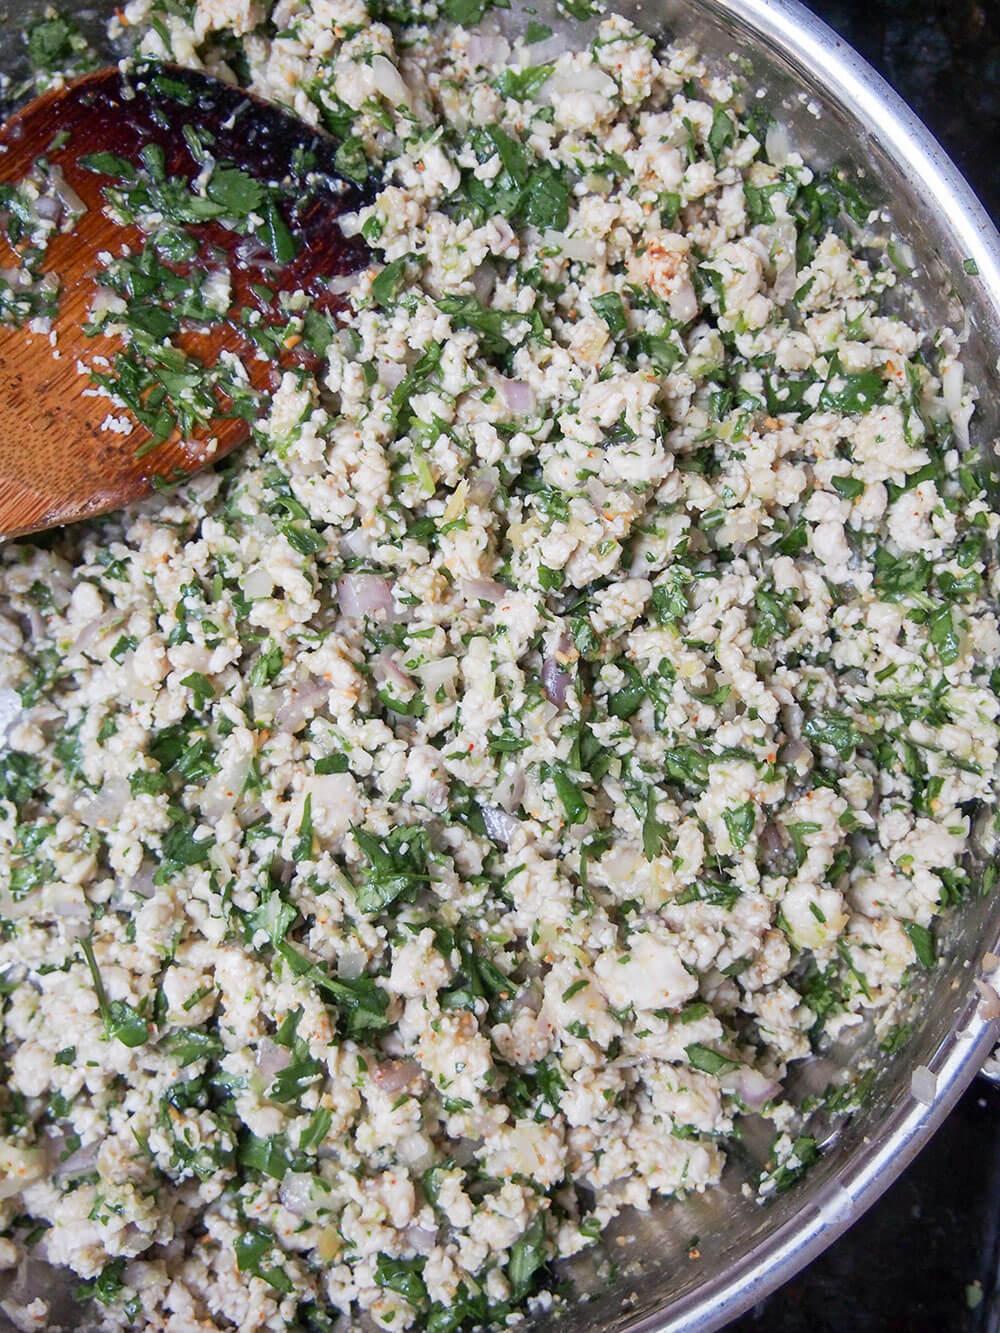 Larp (larb gai, Thai/Laos chicken salad) in skillet